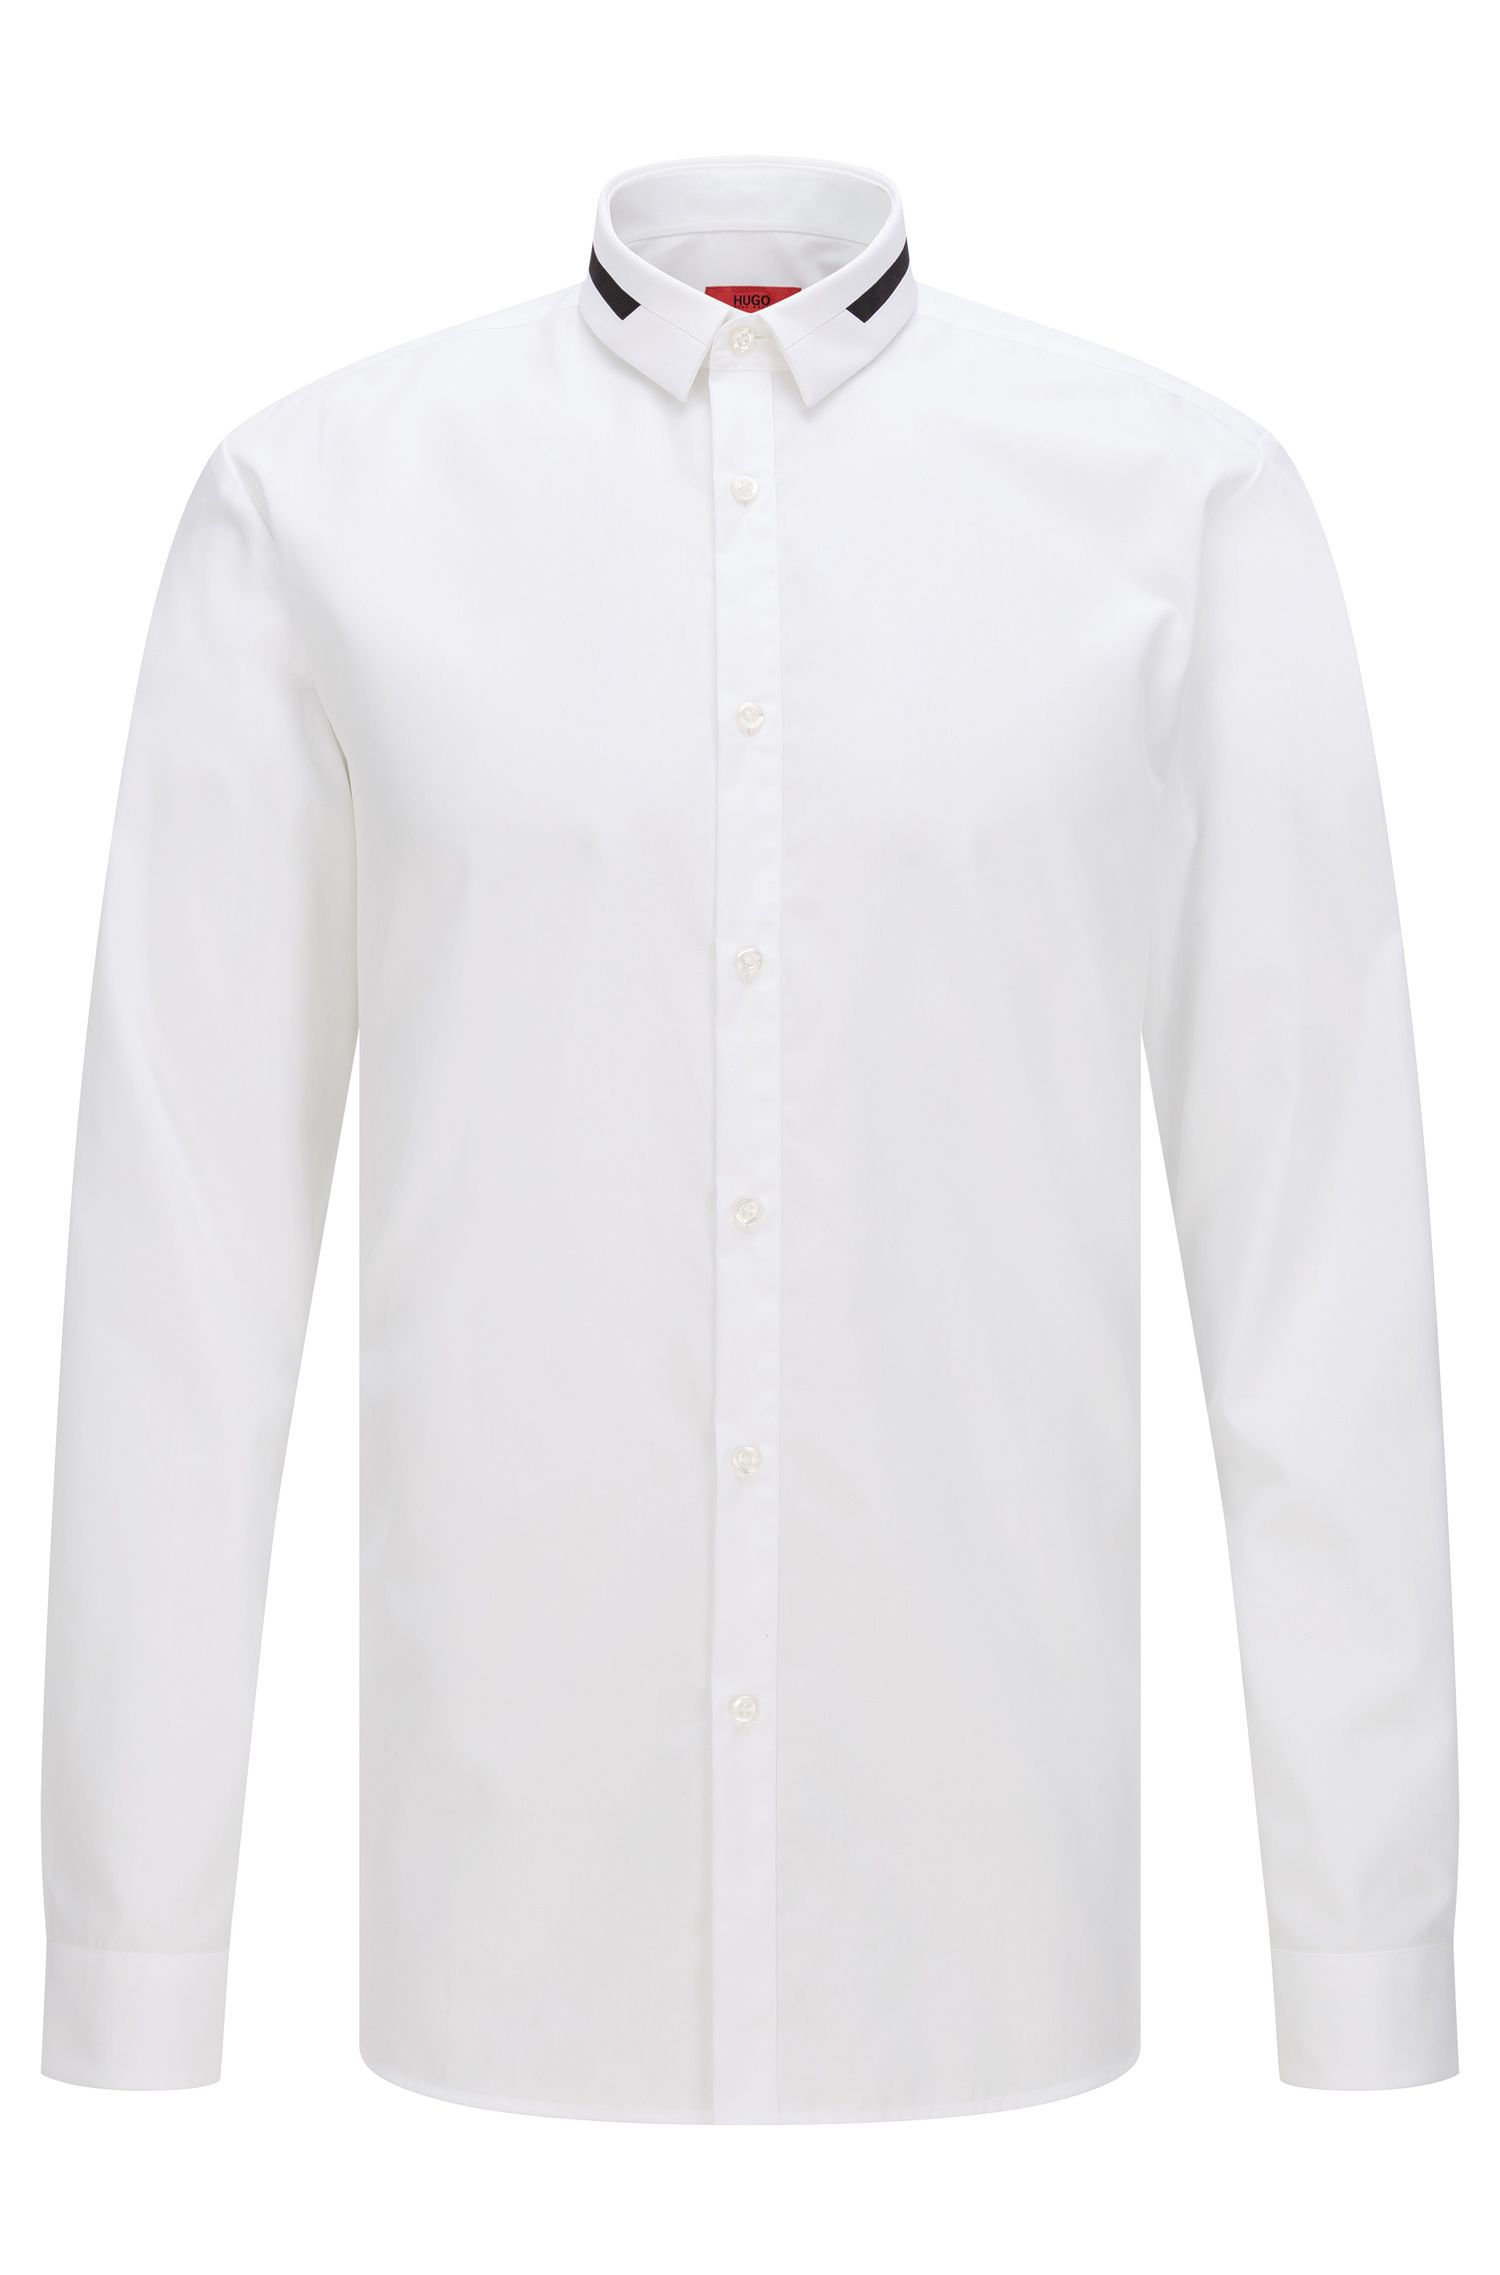 Chemise Extra Slim Fit en coton, à détails contrastants